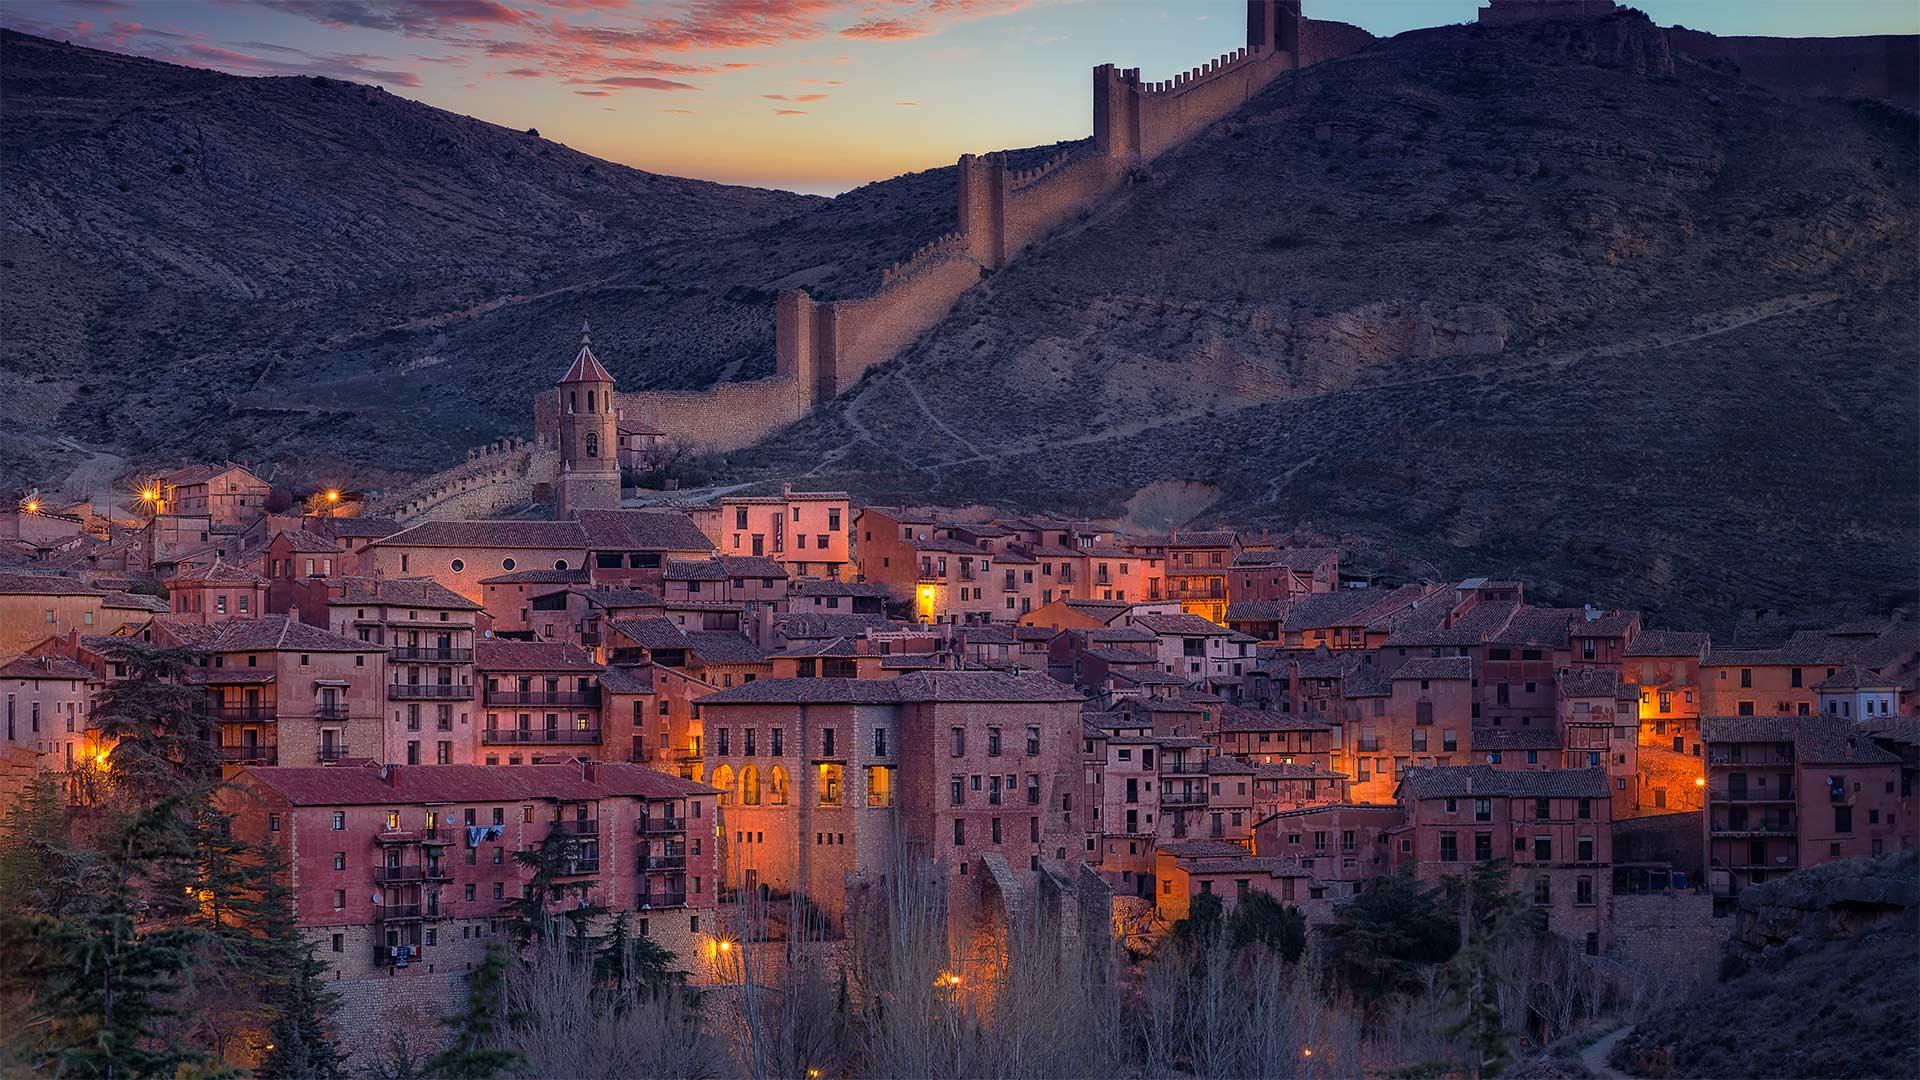 「アルバラシンの朝焼け」スペイン (© Domingo Leiva/Getty Images)